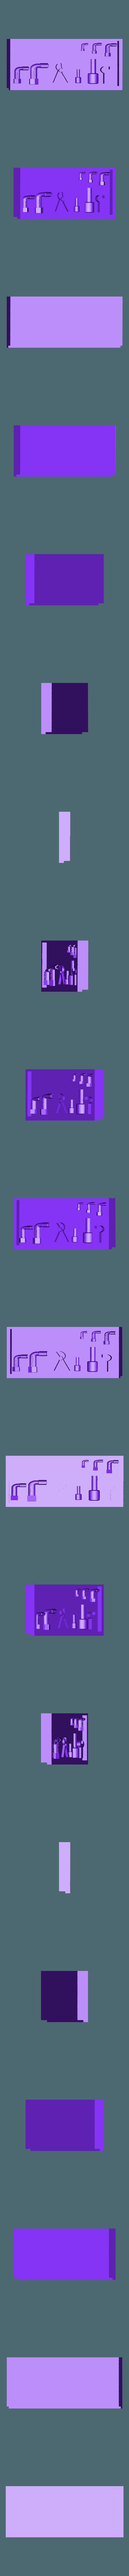 petit plateau.stl Télécharger fichier STL gratuit servante FACOM 1/10 pour garage 1/10 diorama  • Plan imprimable en 3D, RCGANG93